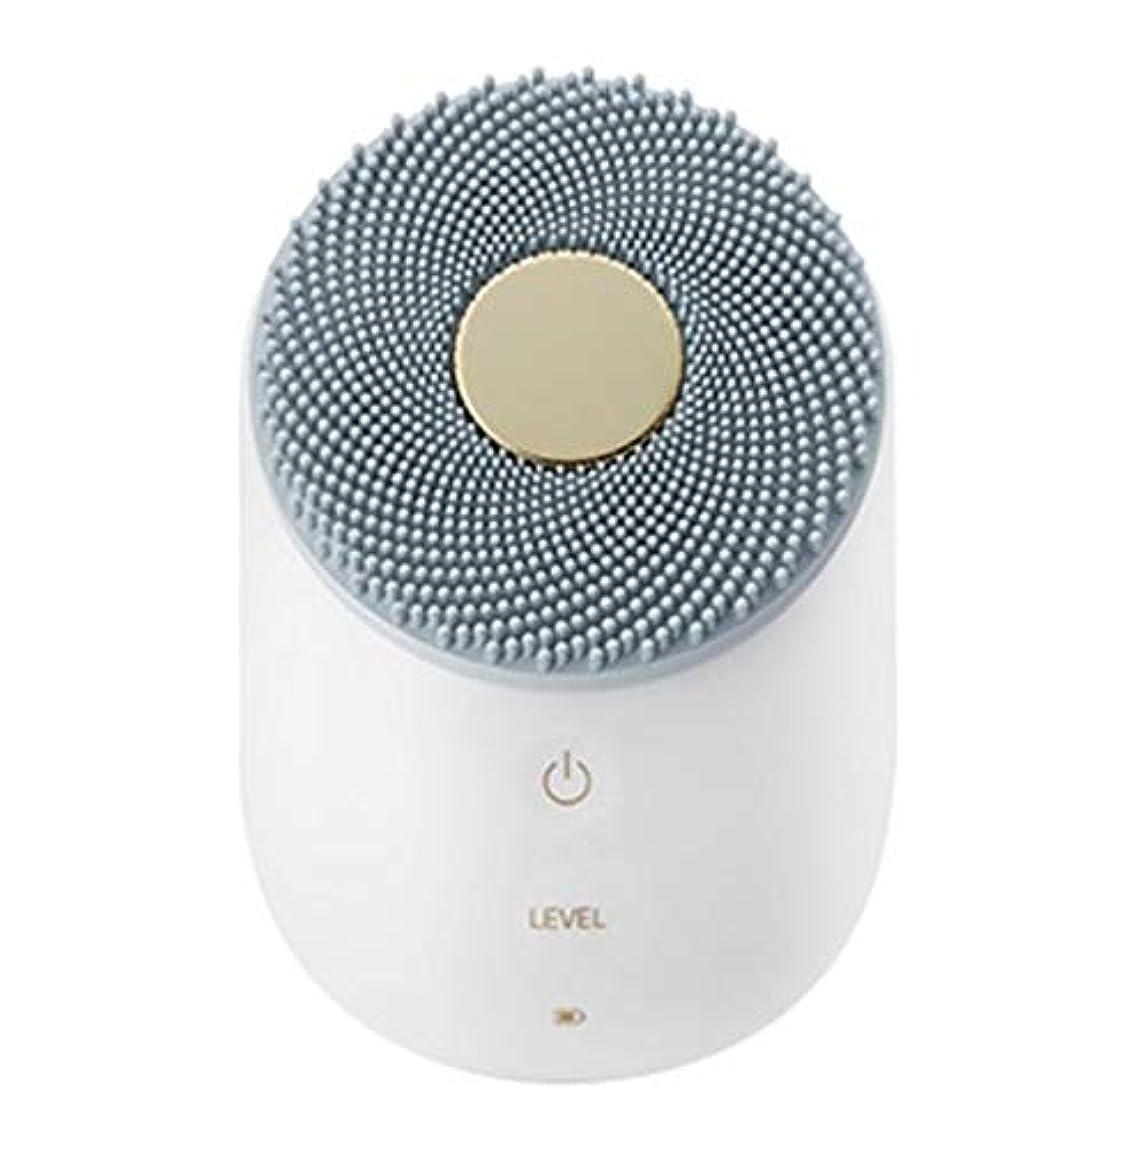 とげのある高いチャネル(LGエレクトロニクス) LG Electronics Pra.L 超音波 振動 クレンジング 美肌 フェイシャル 洗顔 ブラシ [並行輸入品]